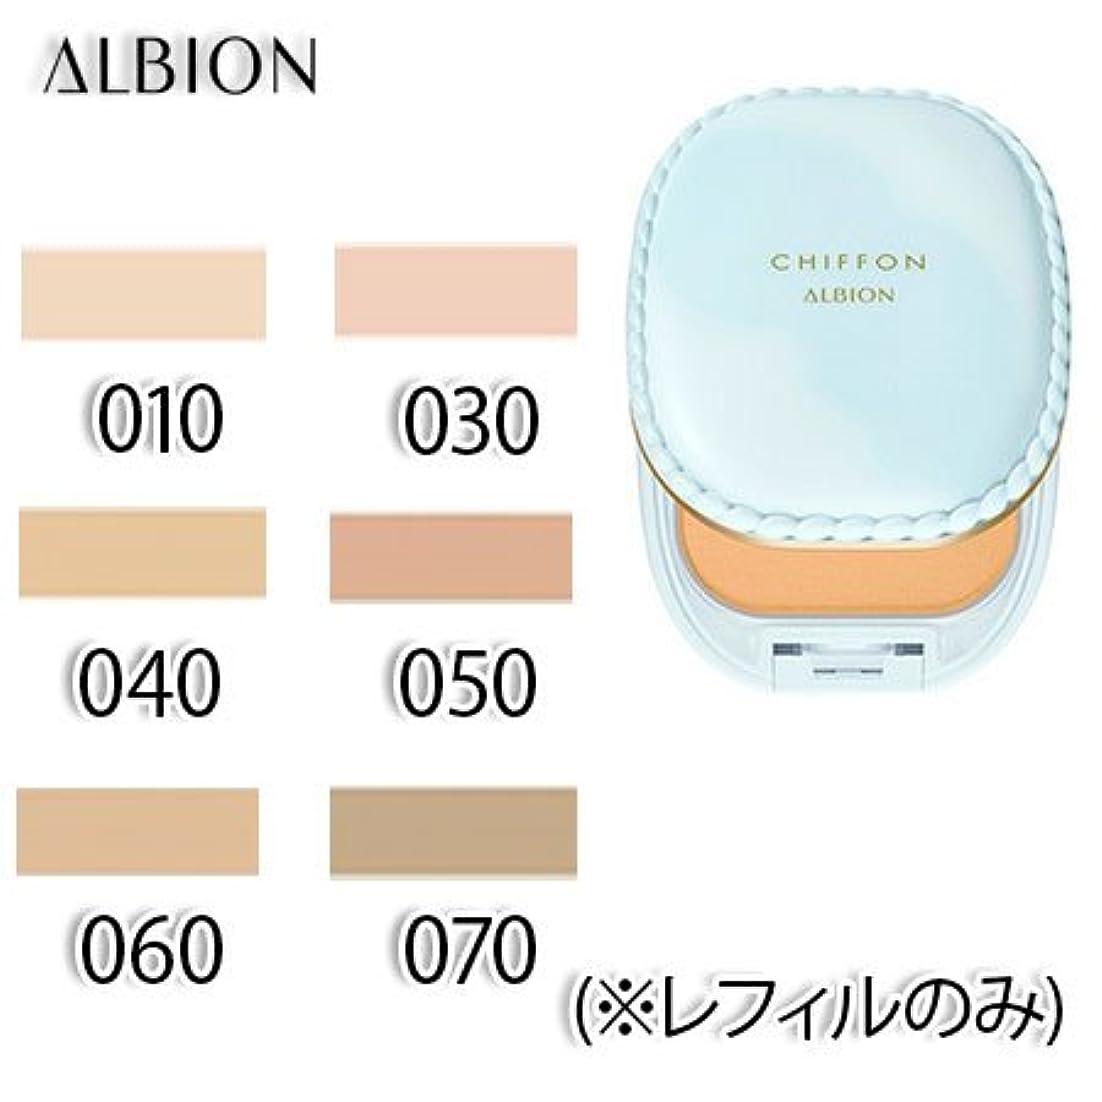 壮大置くためにパック急勾配のアルビオン スノー ホワイト シフォン 全6色 SPF25?PA++ 10g (レフィルのみ) -ALBION- 070